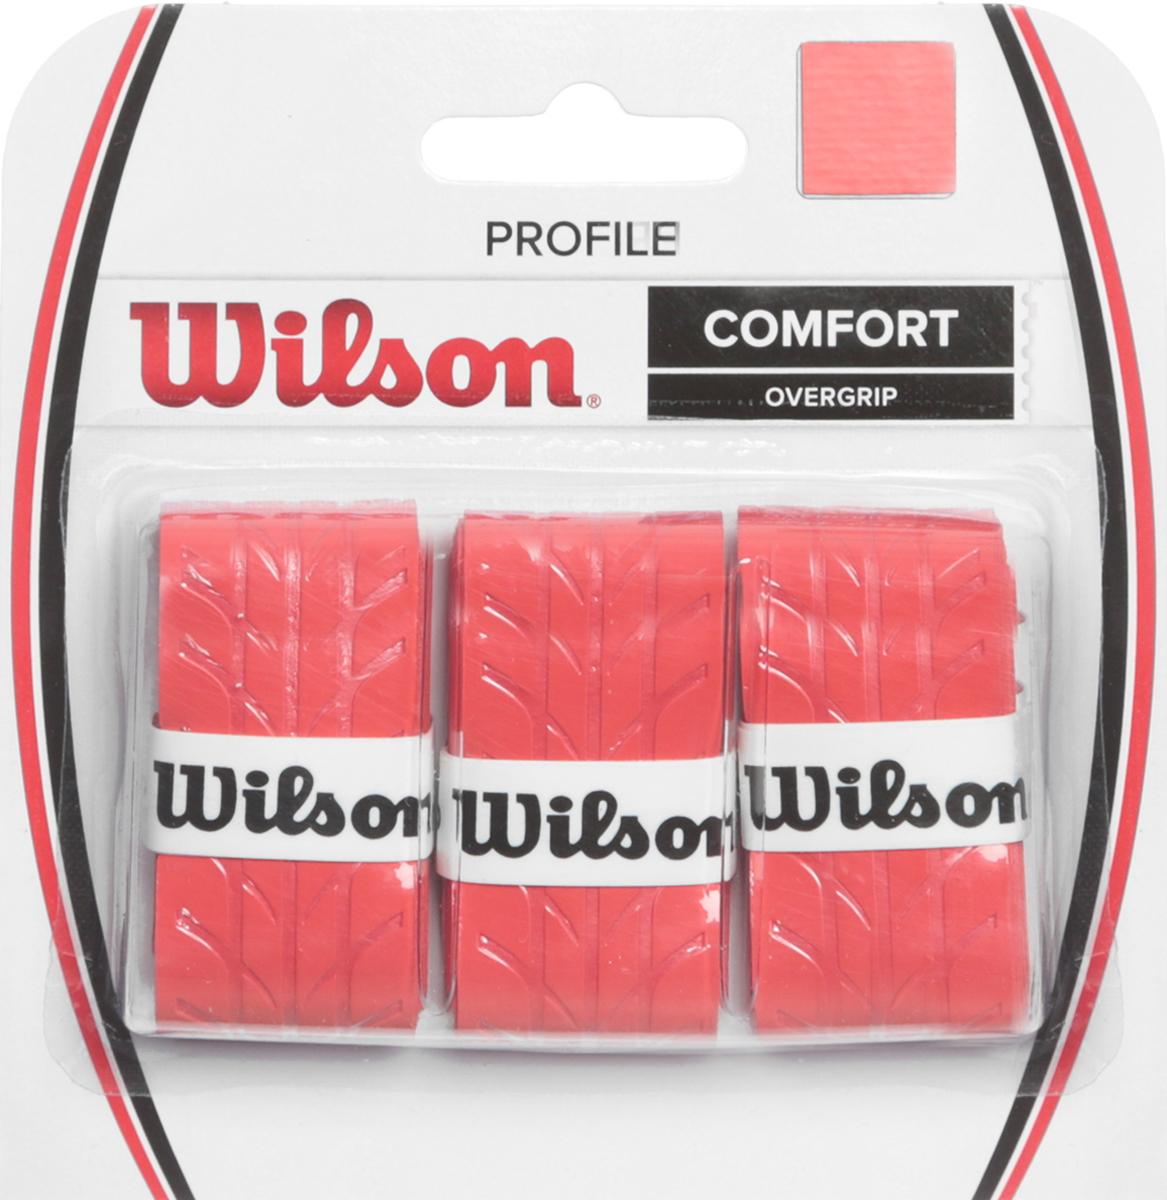 Намотка для ракетки Wilson Profile Overgrip RedWRZ4025RDОвергрипп Profile - обладает уникальной насечкой, которая увеличивает чувство ракетки в руках. Идеально подходит для использования в любых тренировочных и турнирных условиях.Поставляется в красном цвете.